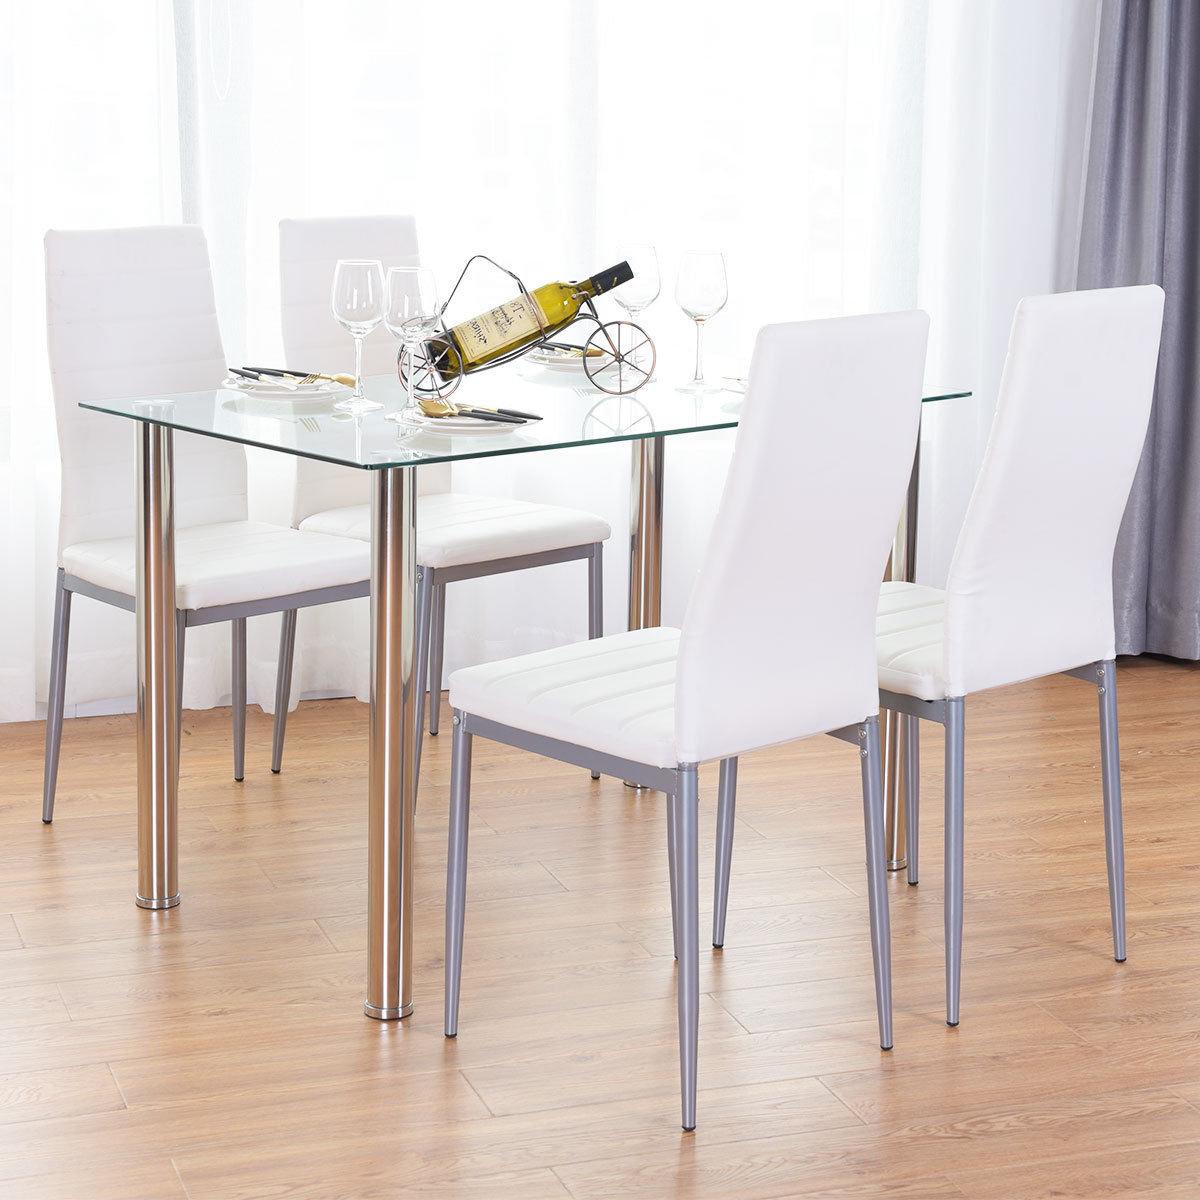 Details About Orren Ellis Travon 5 Piece Dining Set Within Best And Newest Travon 5 Piece Dining Sets (View 2 of 20)